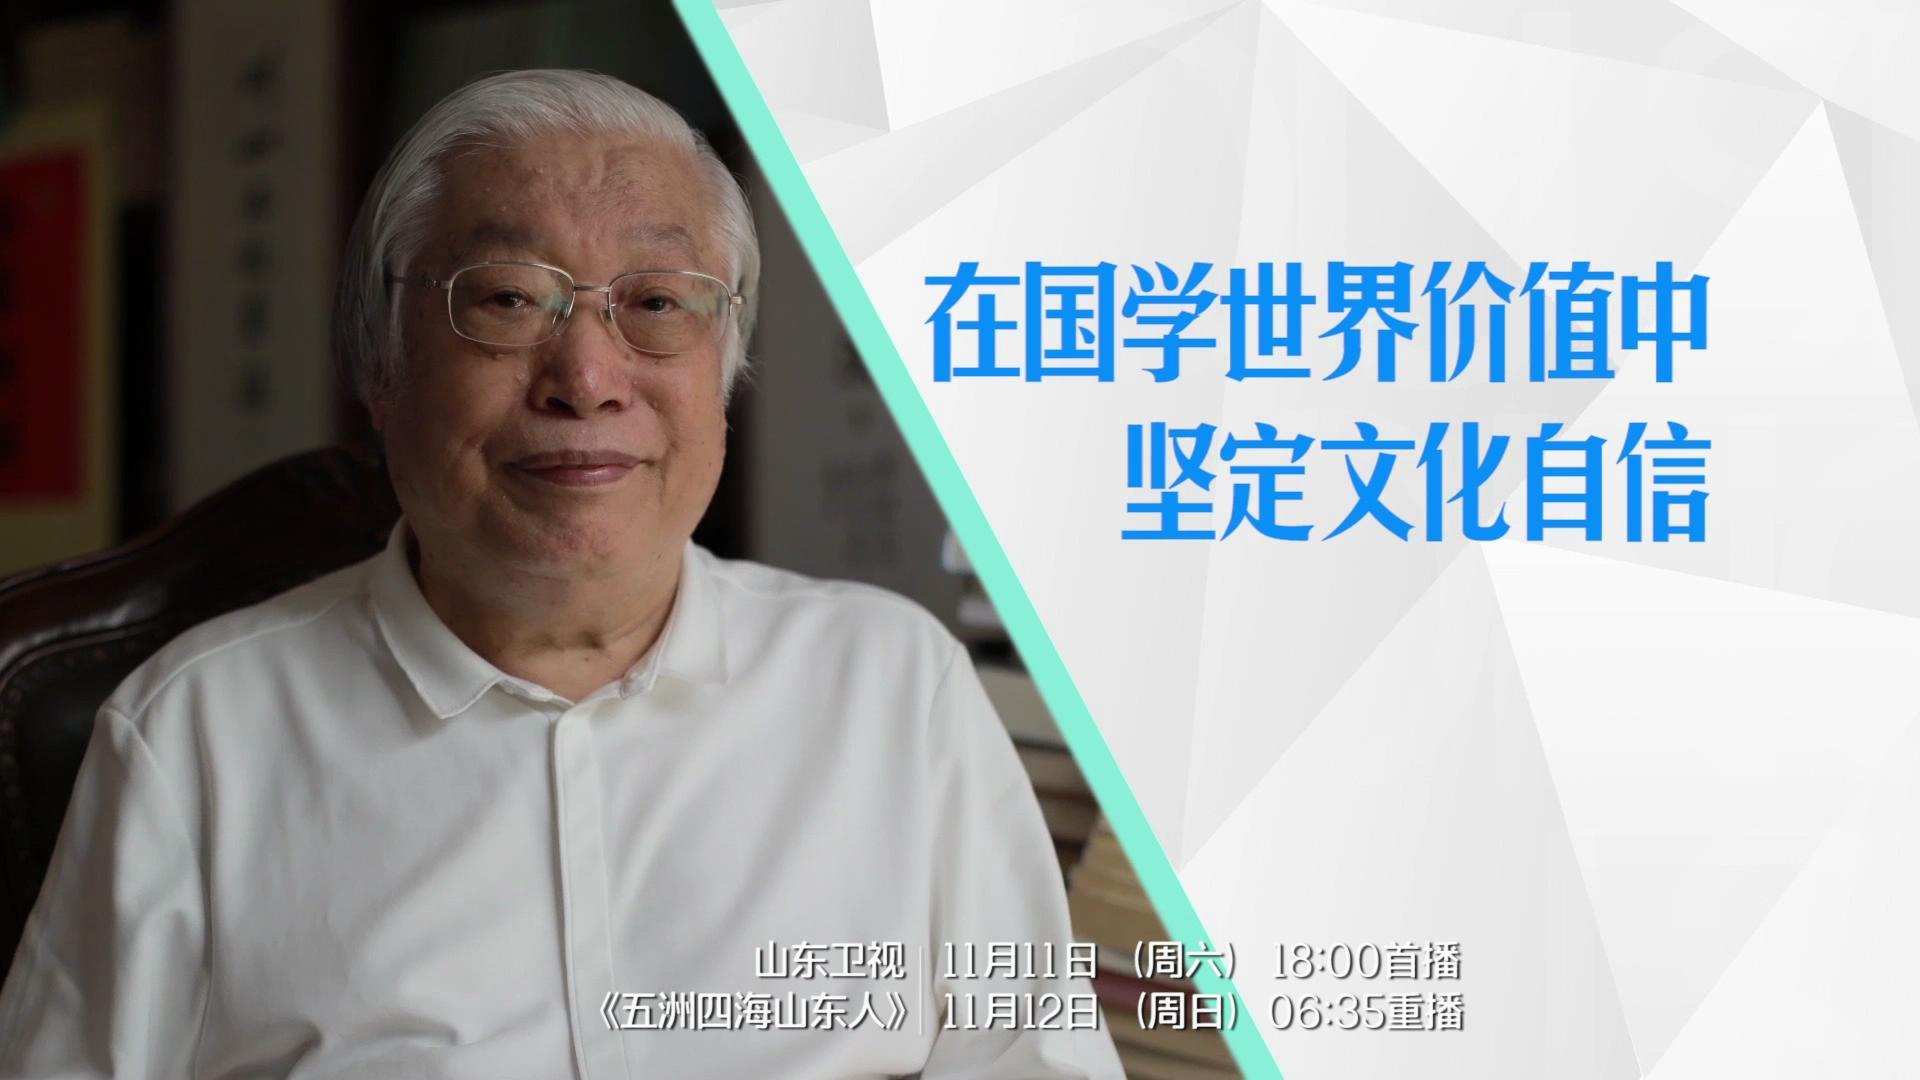 刘梦溪:在国学世界价值中坚定文化自信